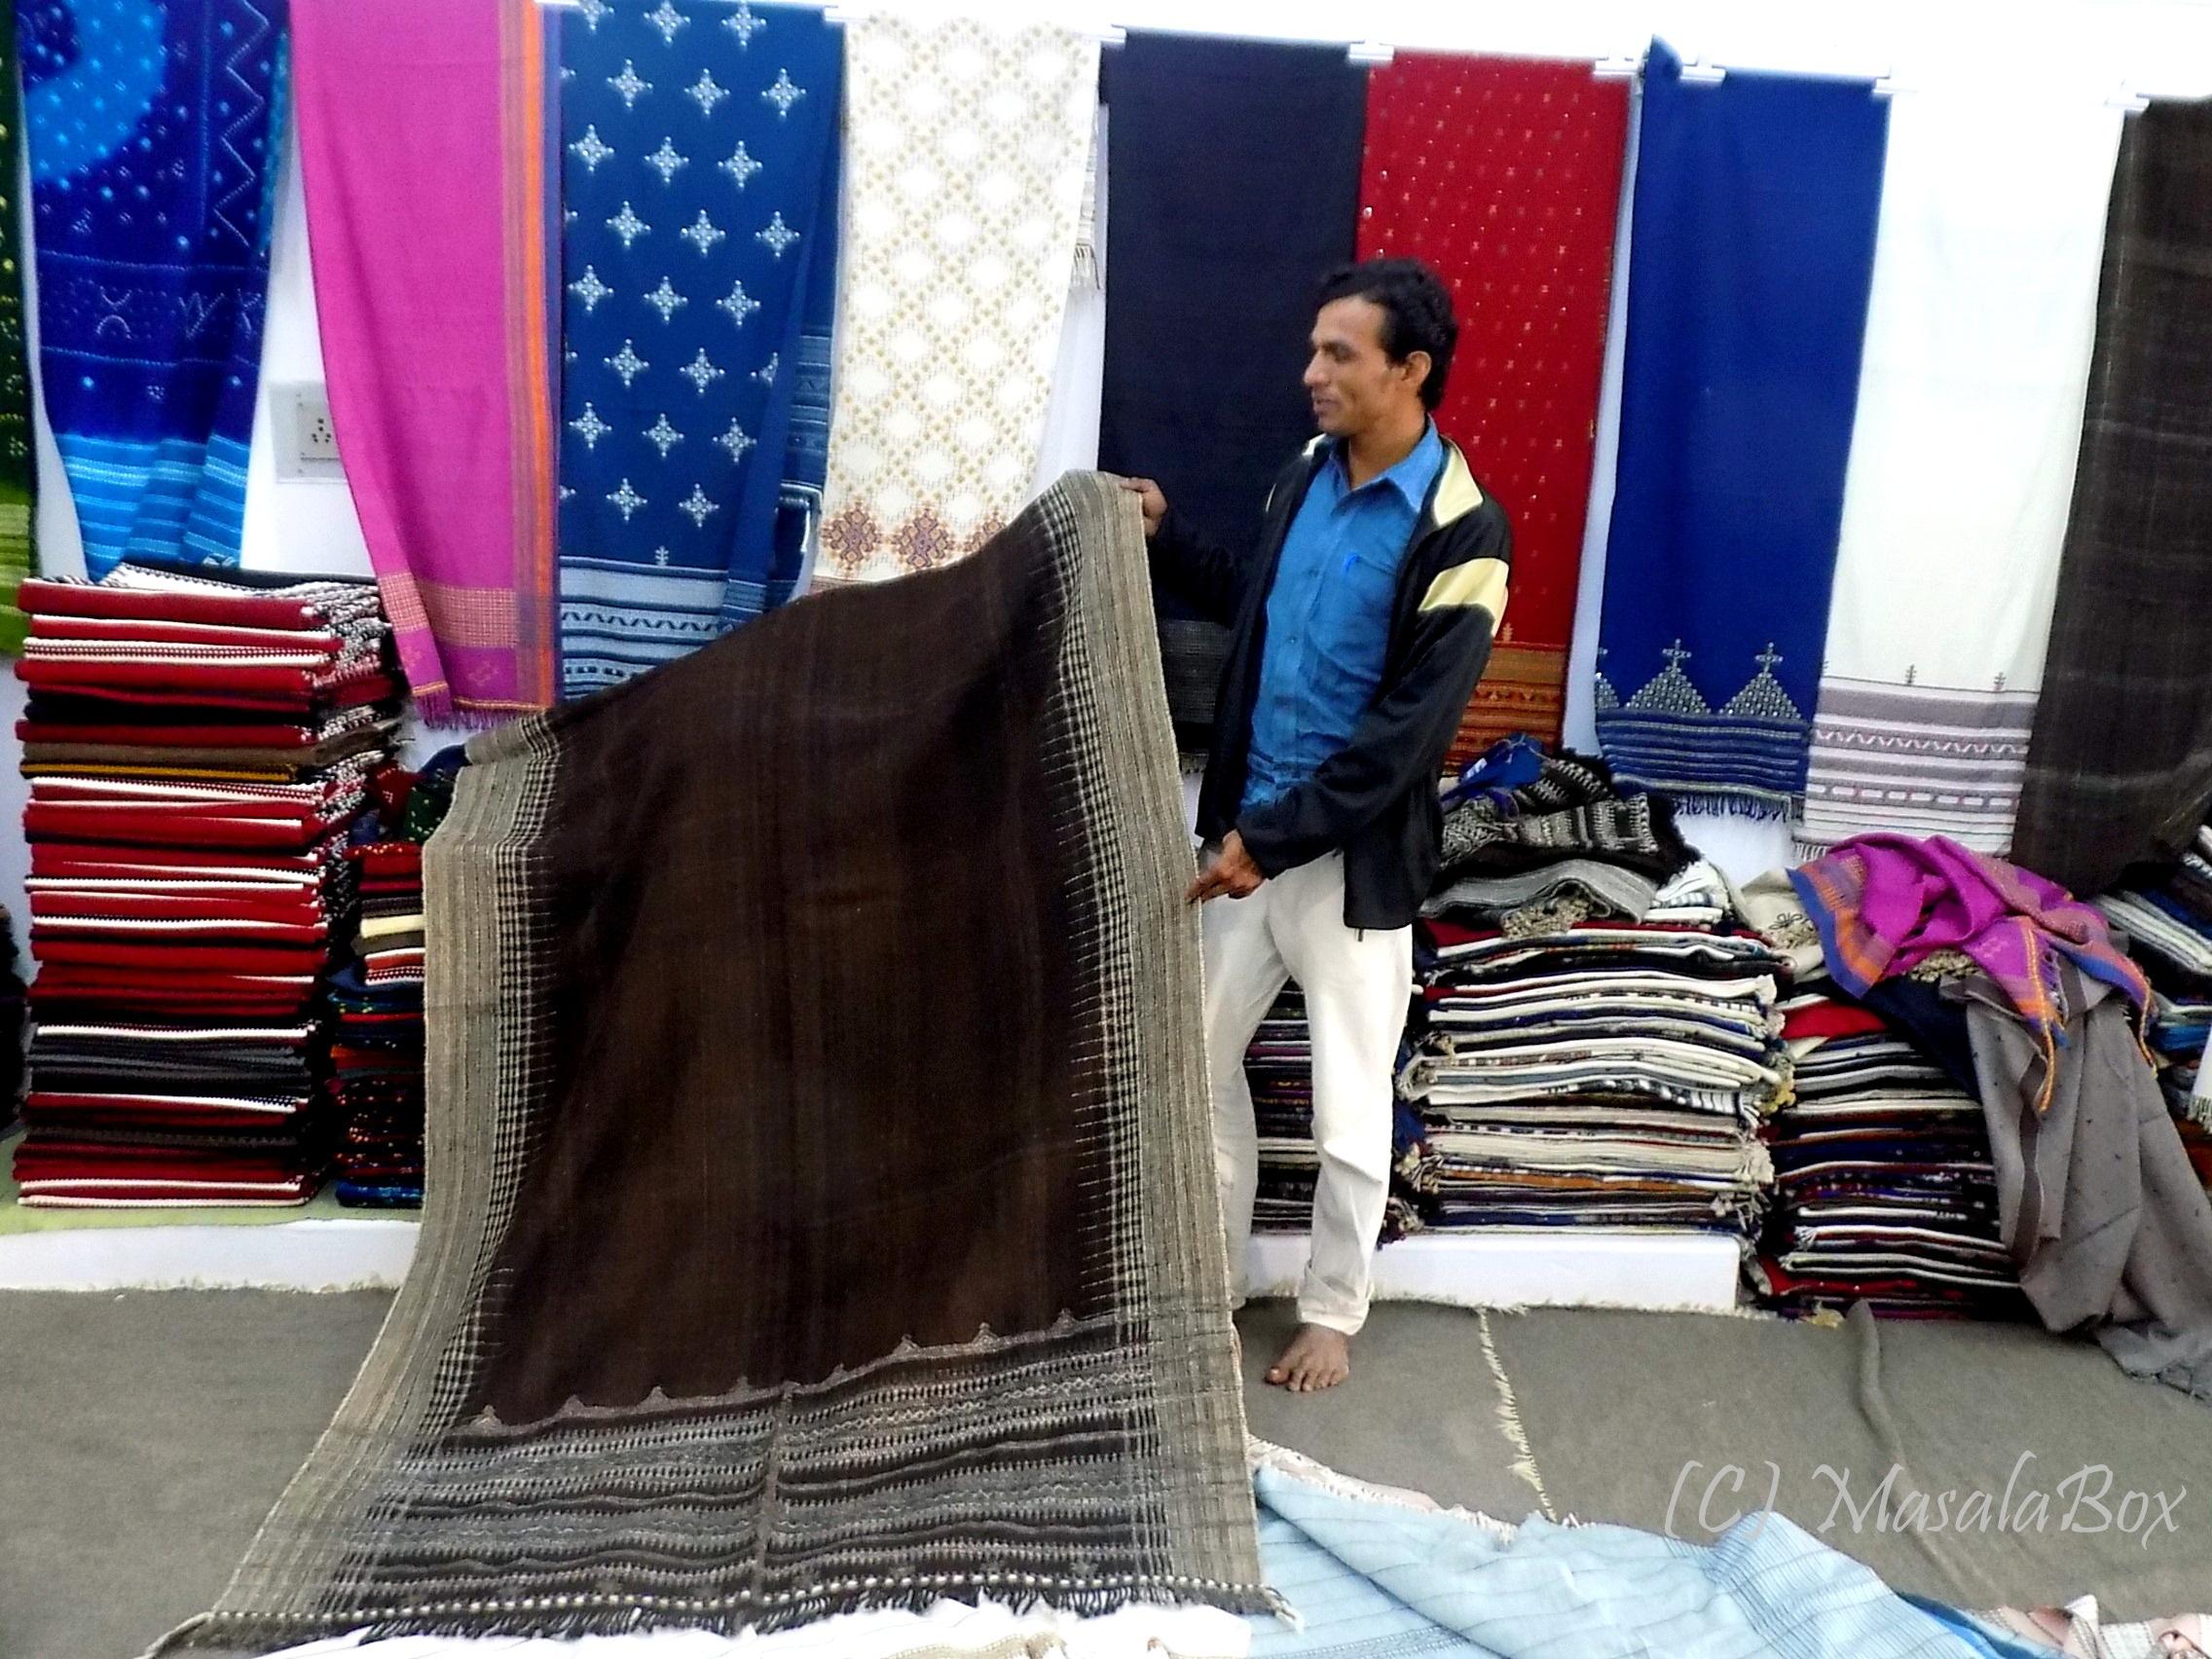 Shwals and bedsheets in display at Vankar Vishram ji shop